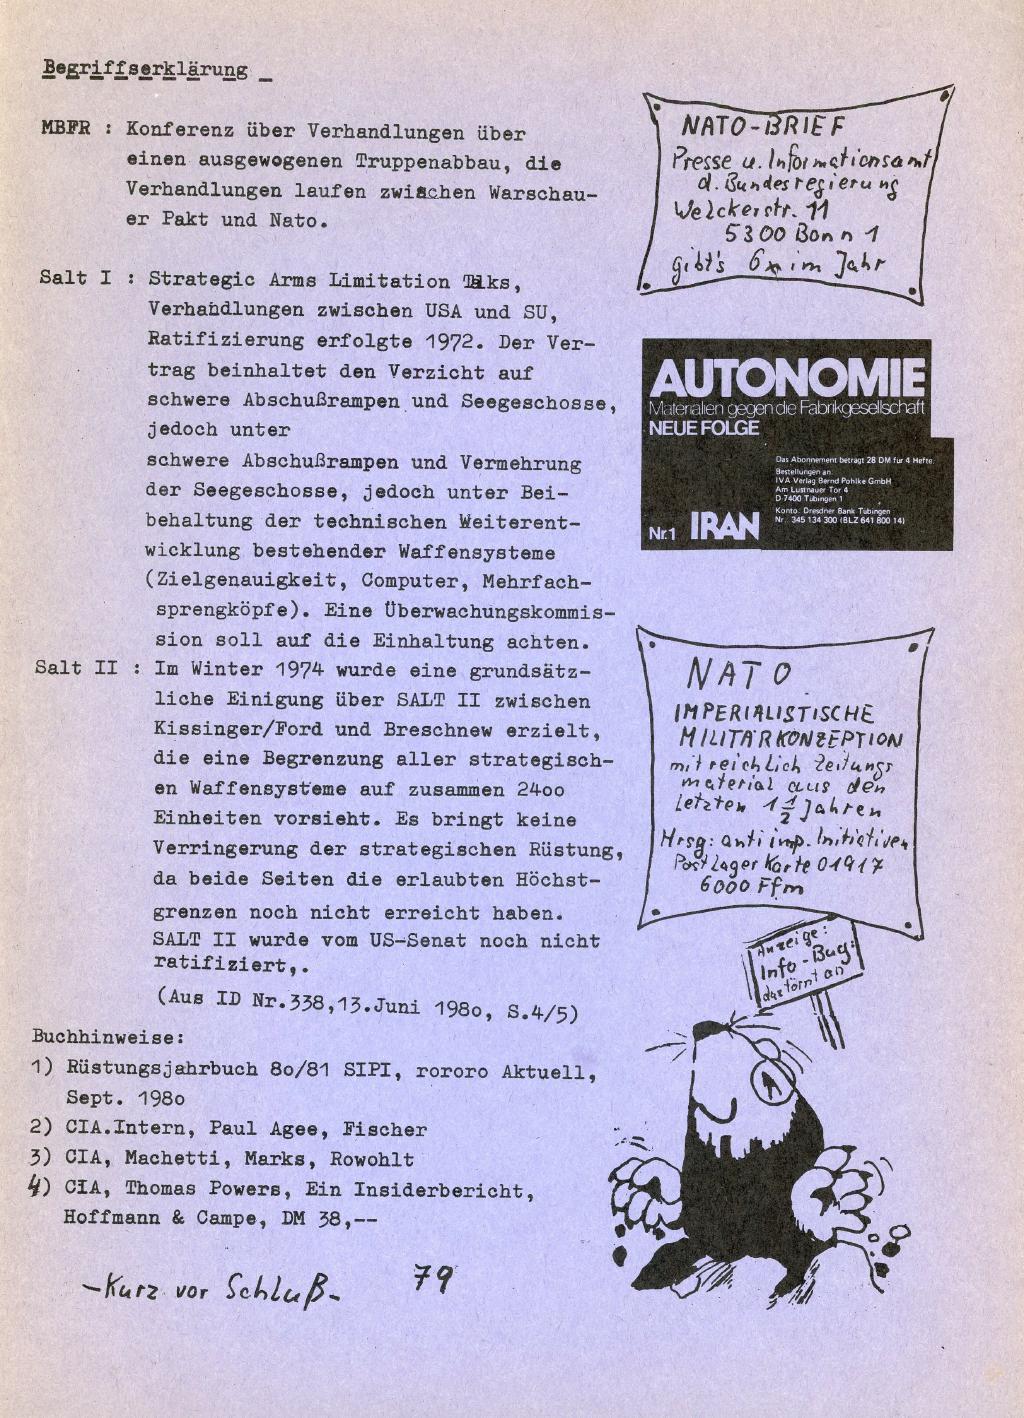 Bremen_1980_NATO_Broschuere_79